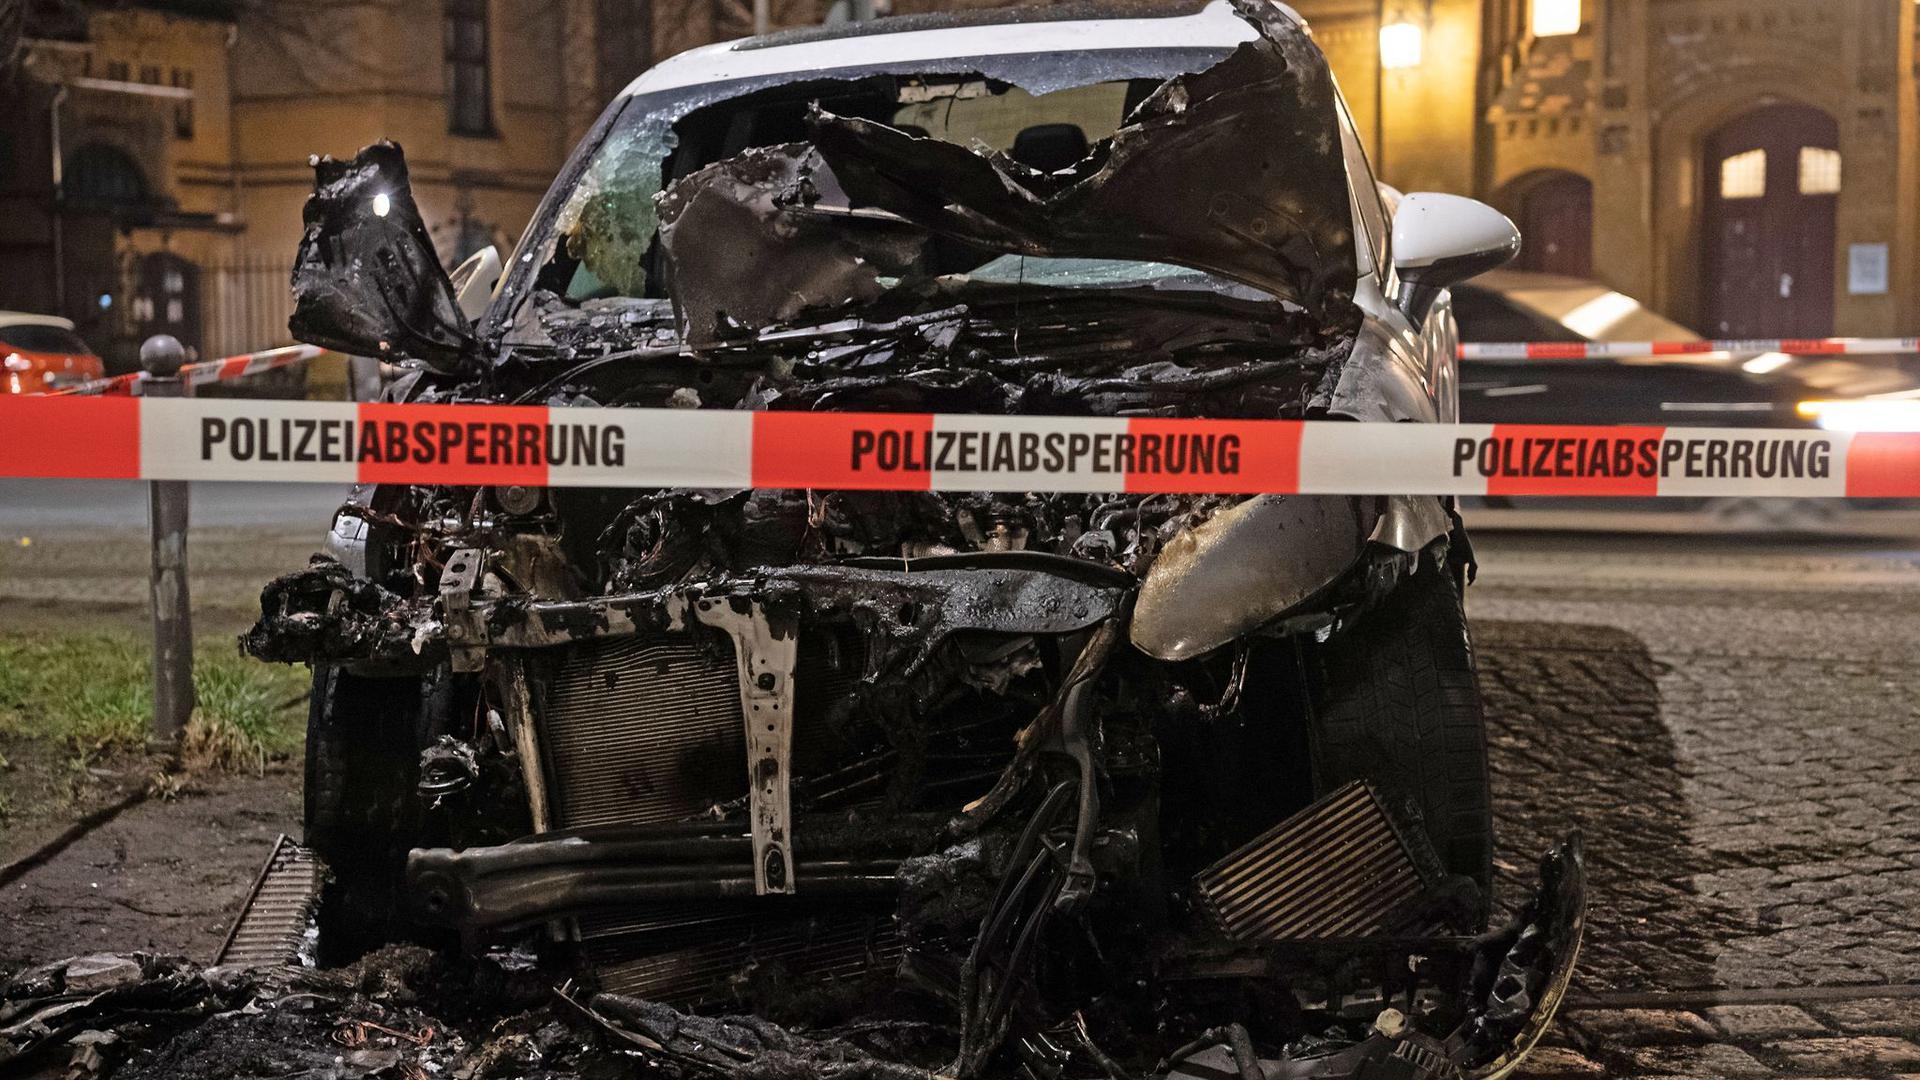 Ein ausgebranntes Auto in der Hannoverschen Straße in Berlin